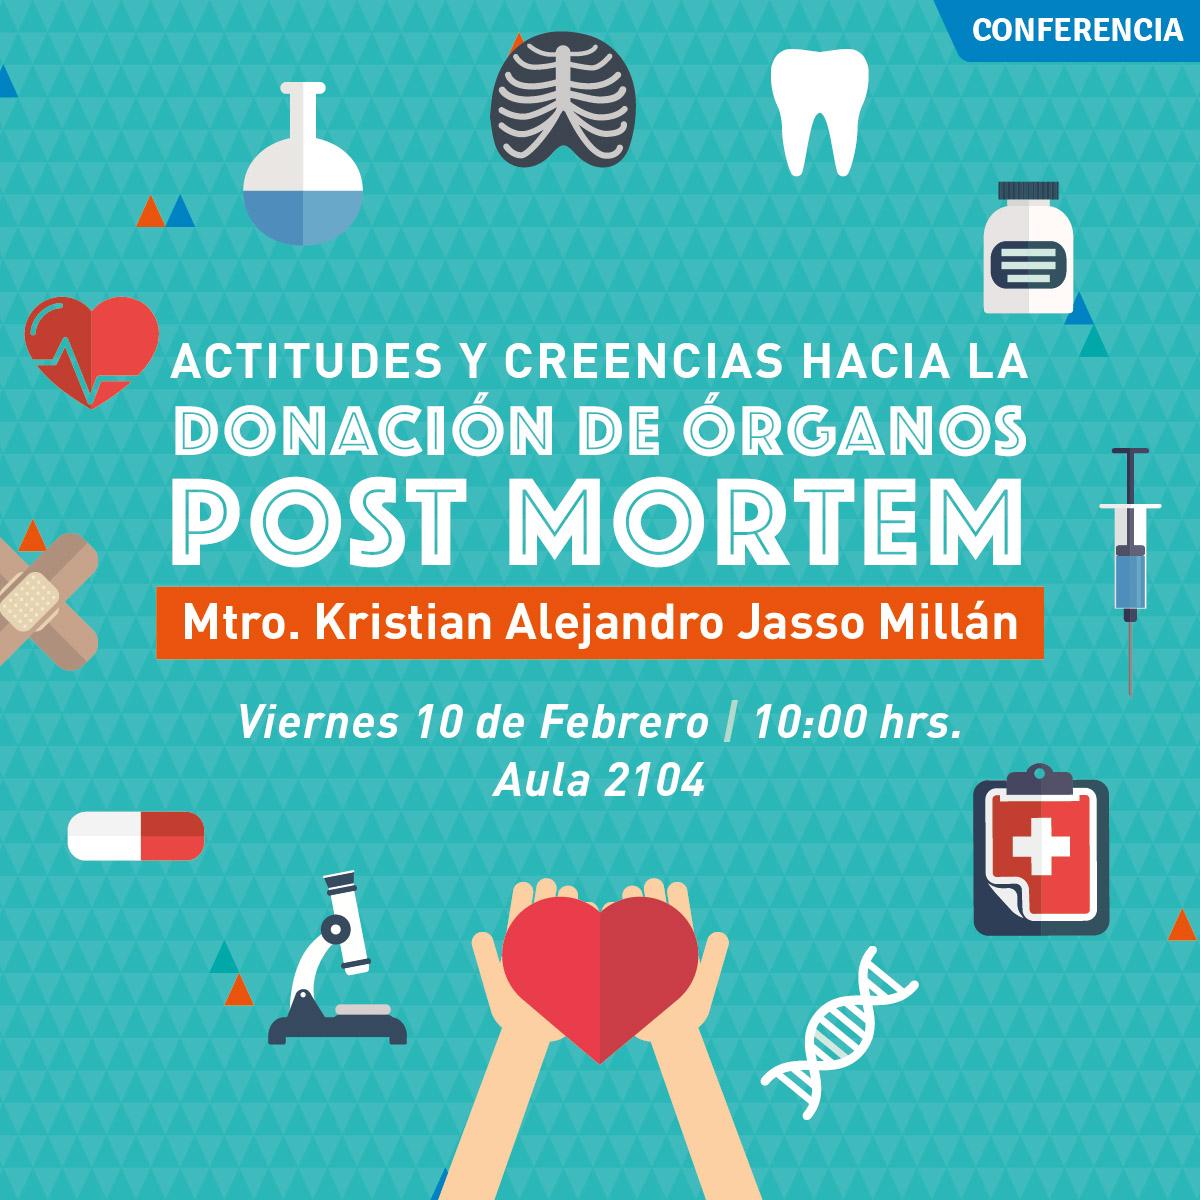 Actitudes y Creencias hacia la Donación de Órganos Post Mortem